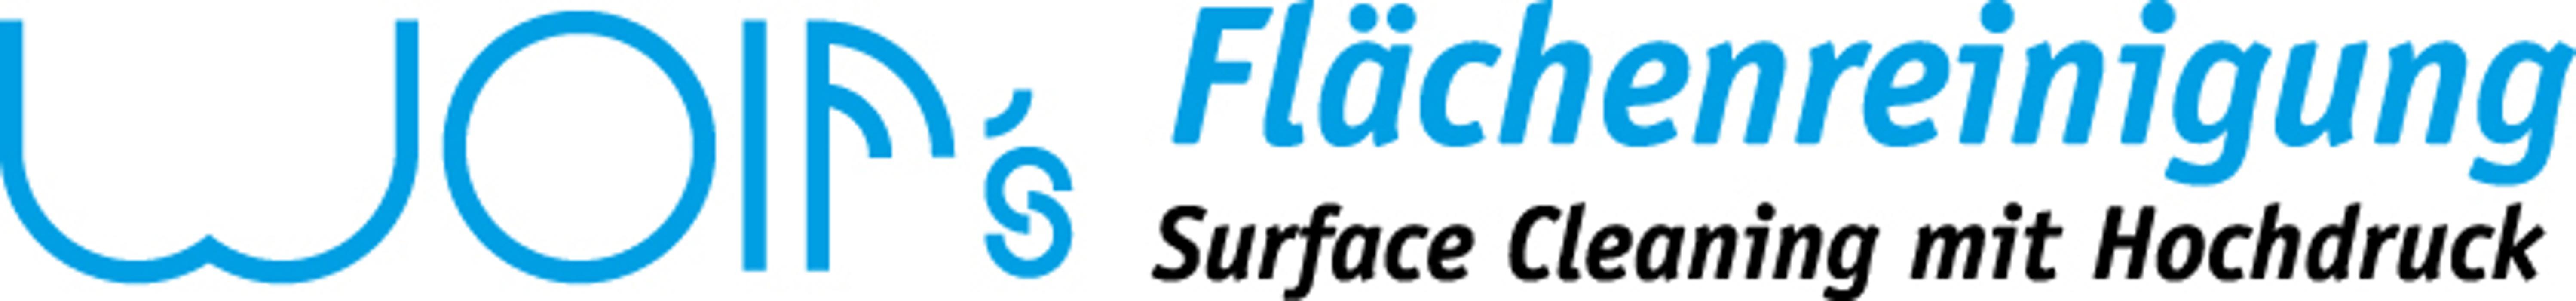 Bild zu Wolfs Flächenreinigung - Surface Cleaning mit Hochdruck in Ostfildern